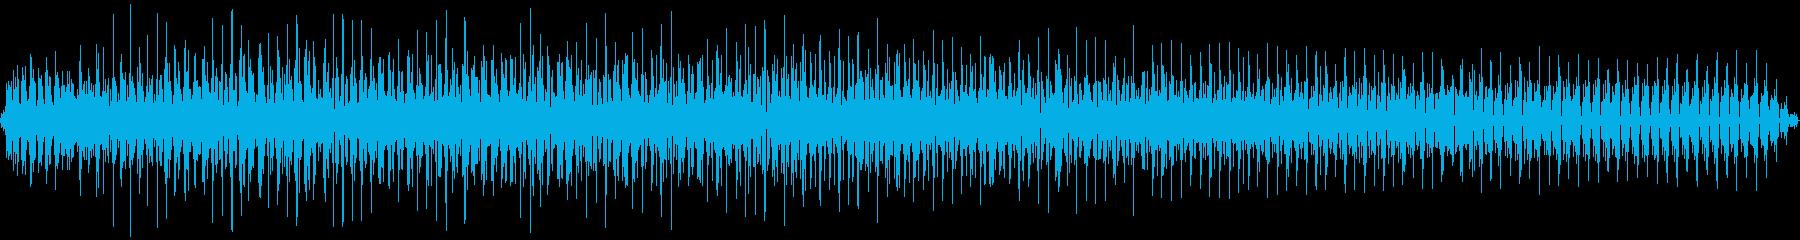 カートンまたはSCI FIポンプ:...の再生済みの波形